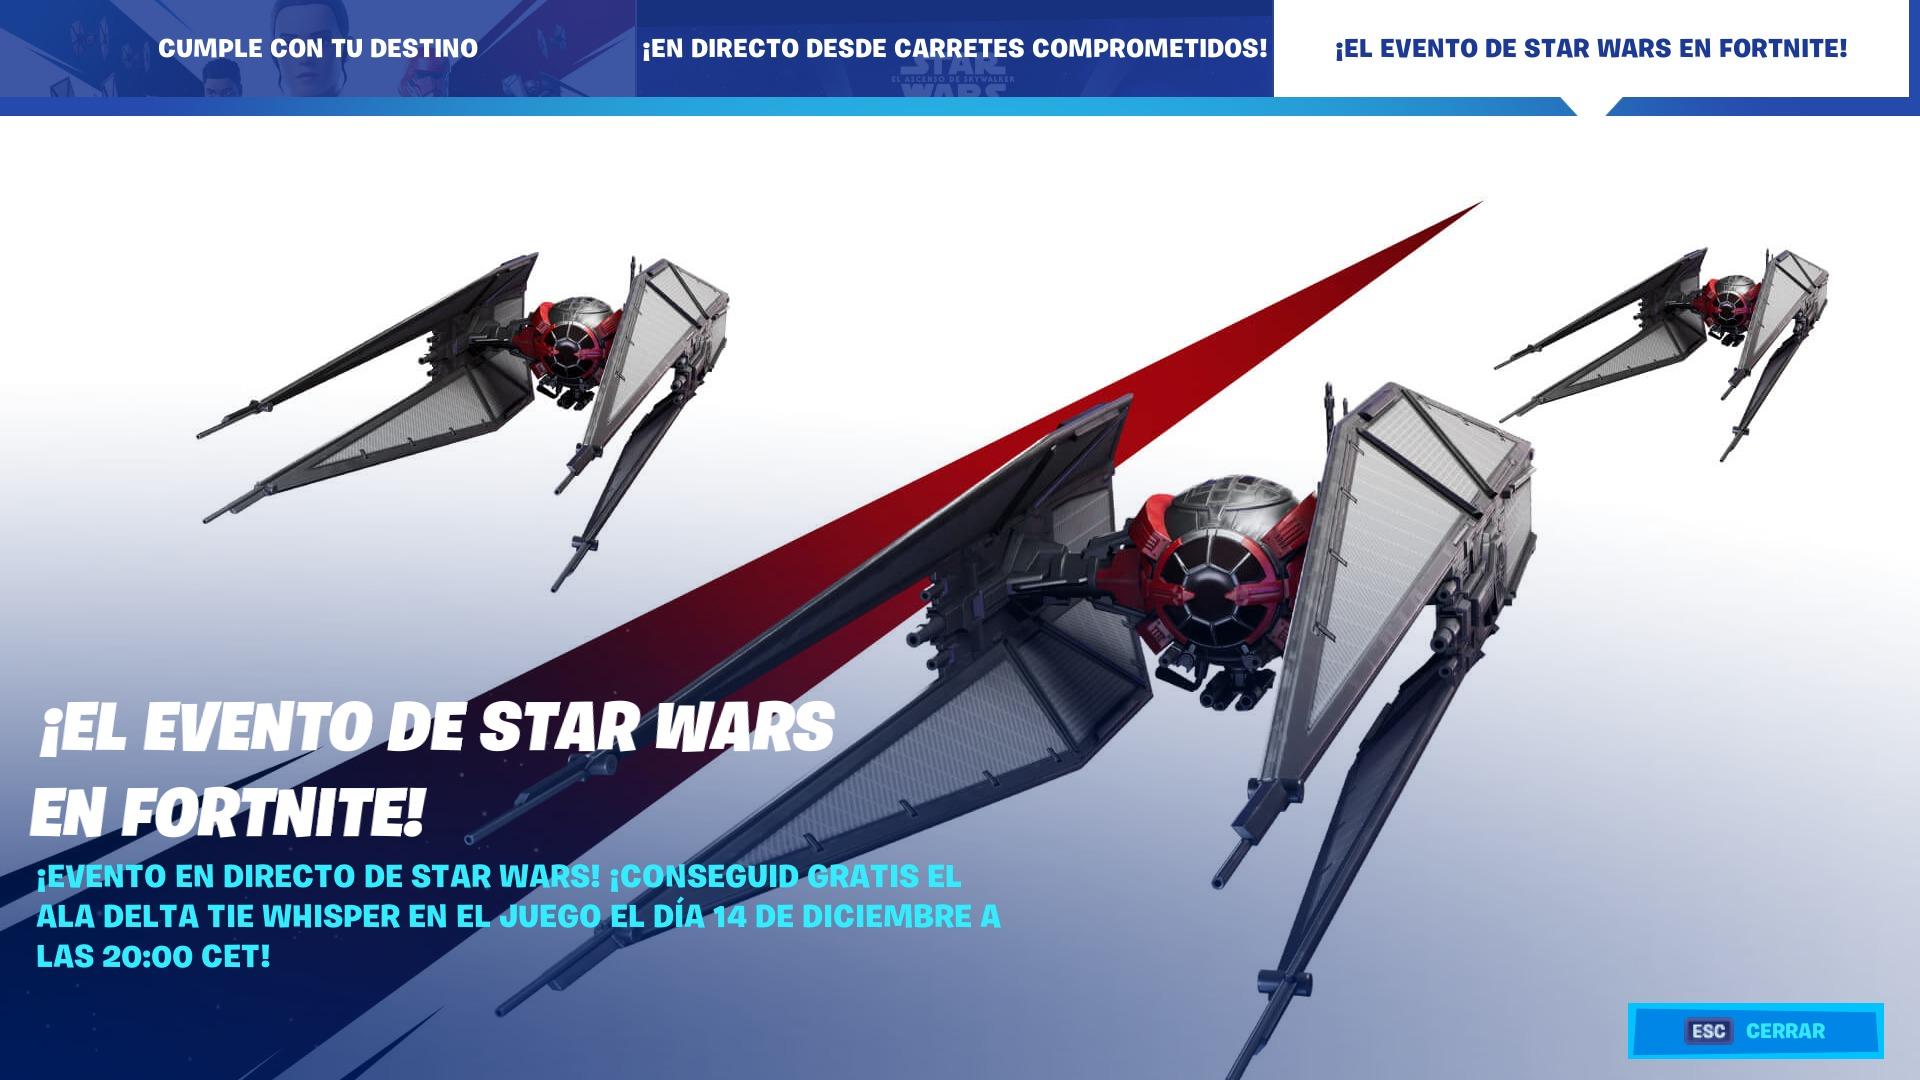 Cómo conseguir el Ala Delta Tie Whisper en el evento de Star Wars de Fortnite